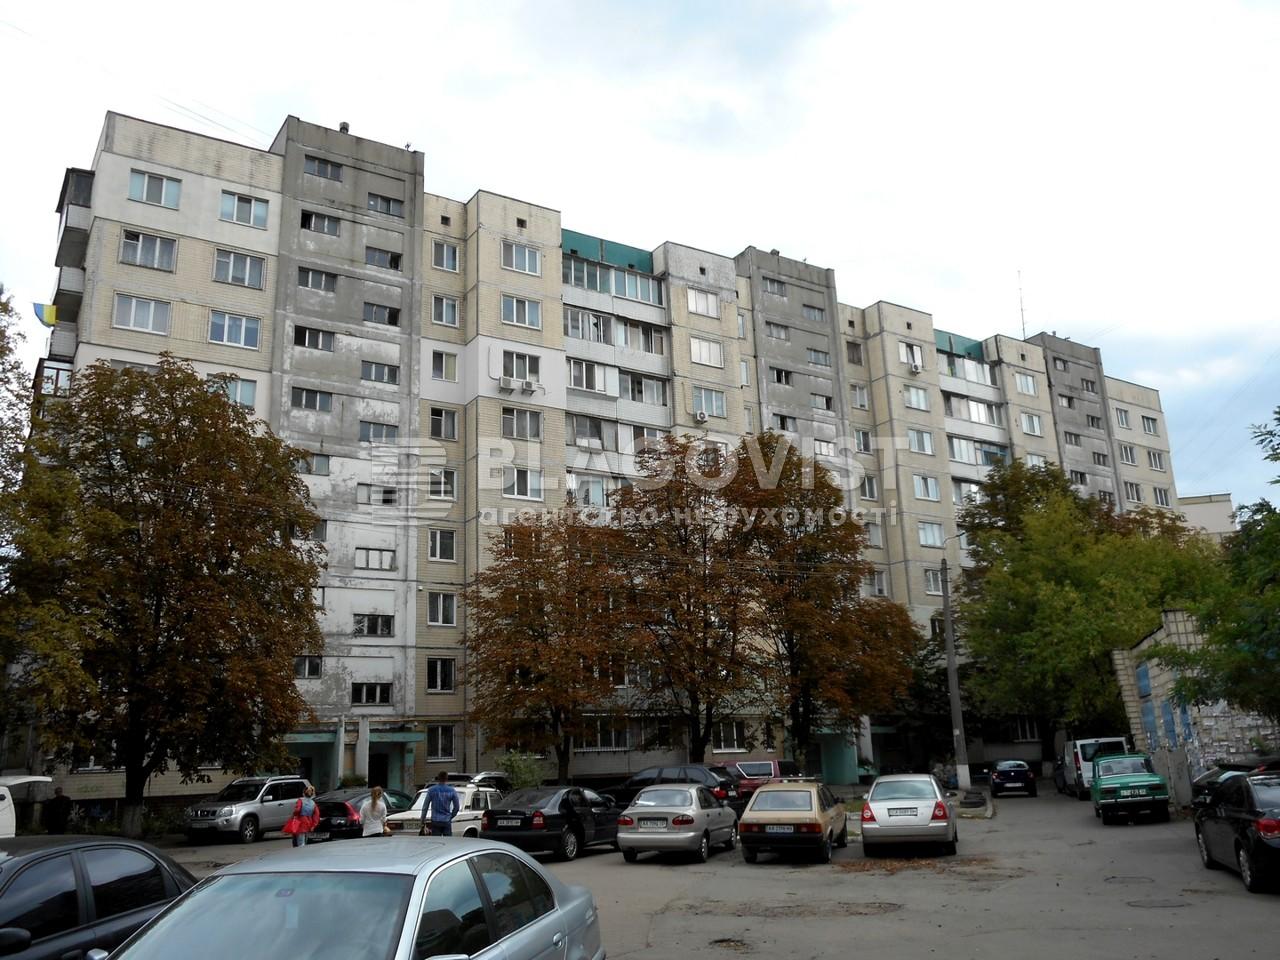 Квартира F-39206, Лятошинского, 8а, Киев - Фото 1